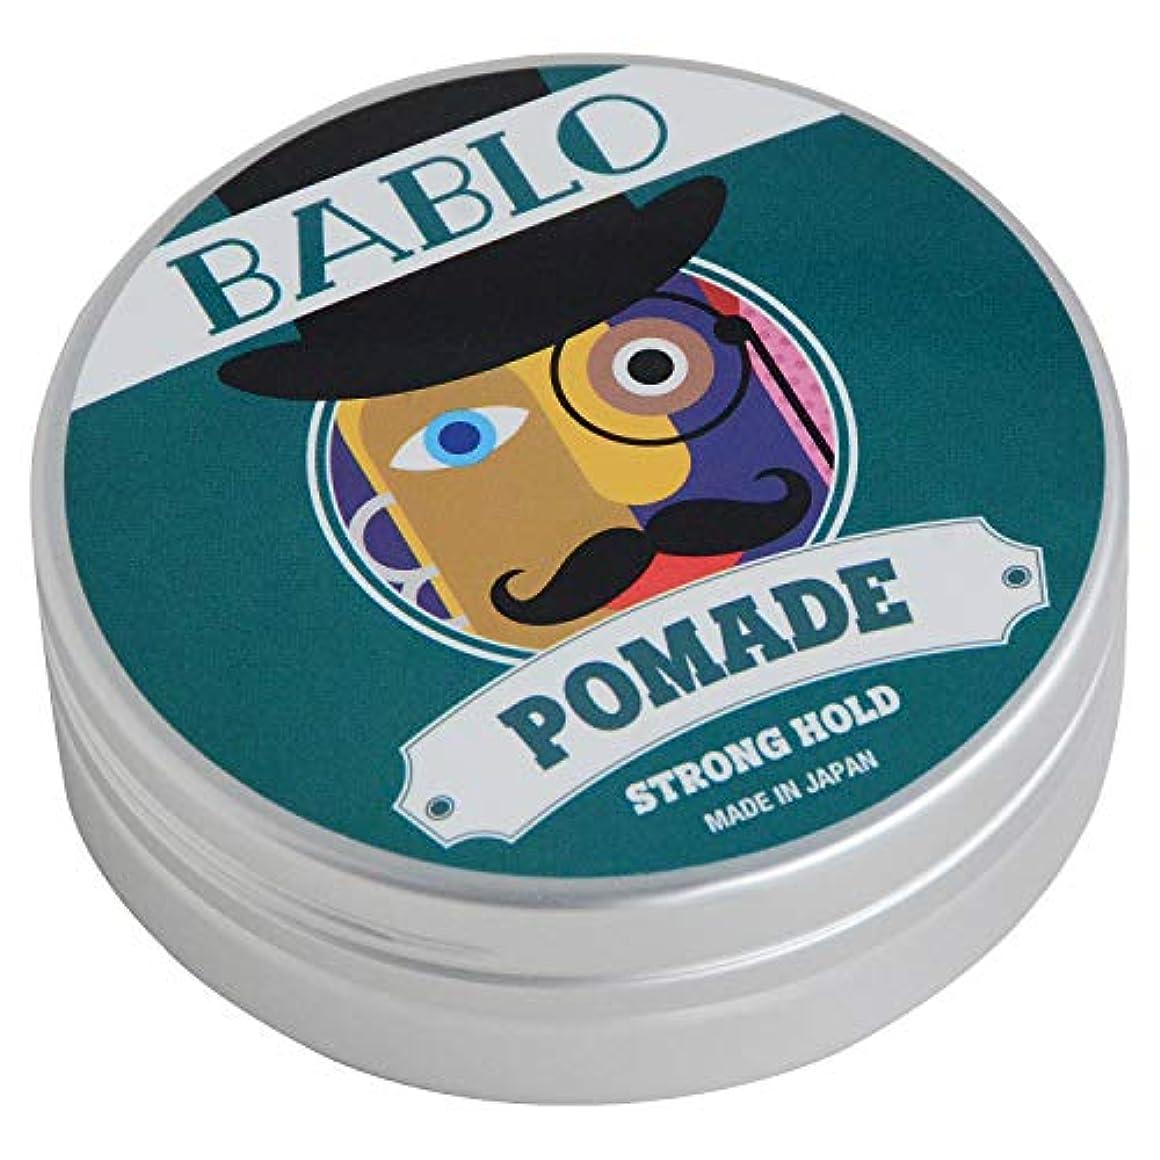 受け入れた主張するしかしながらバブロ ポマード(BABLO POMADE) ストロング ホールド メンズ 整髪料 水性 ヘアグリース (単品)